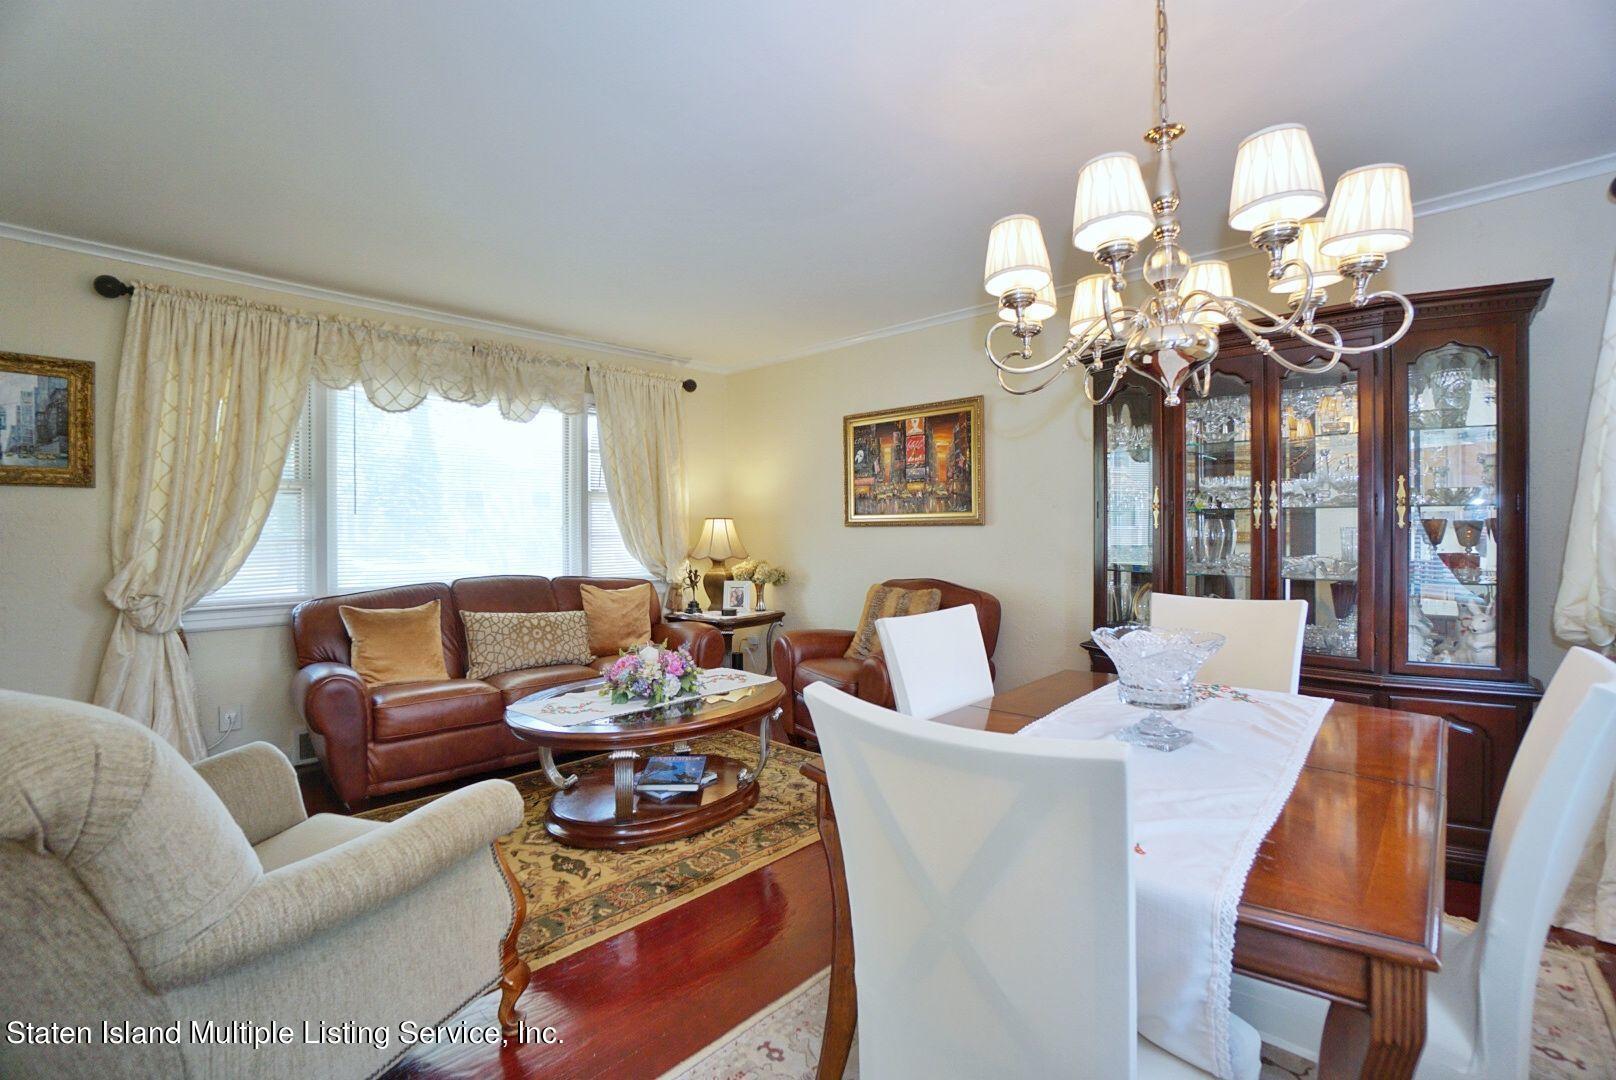 Single Family - Detached 29 City Boulevard  Staten Island, NY 10301, MLS-1147694-20